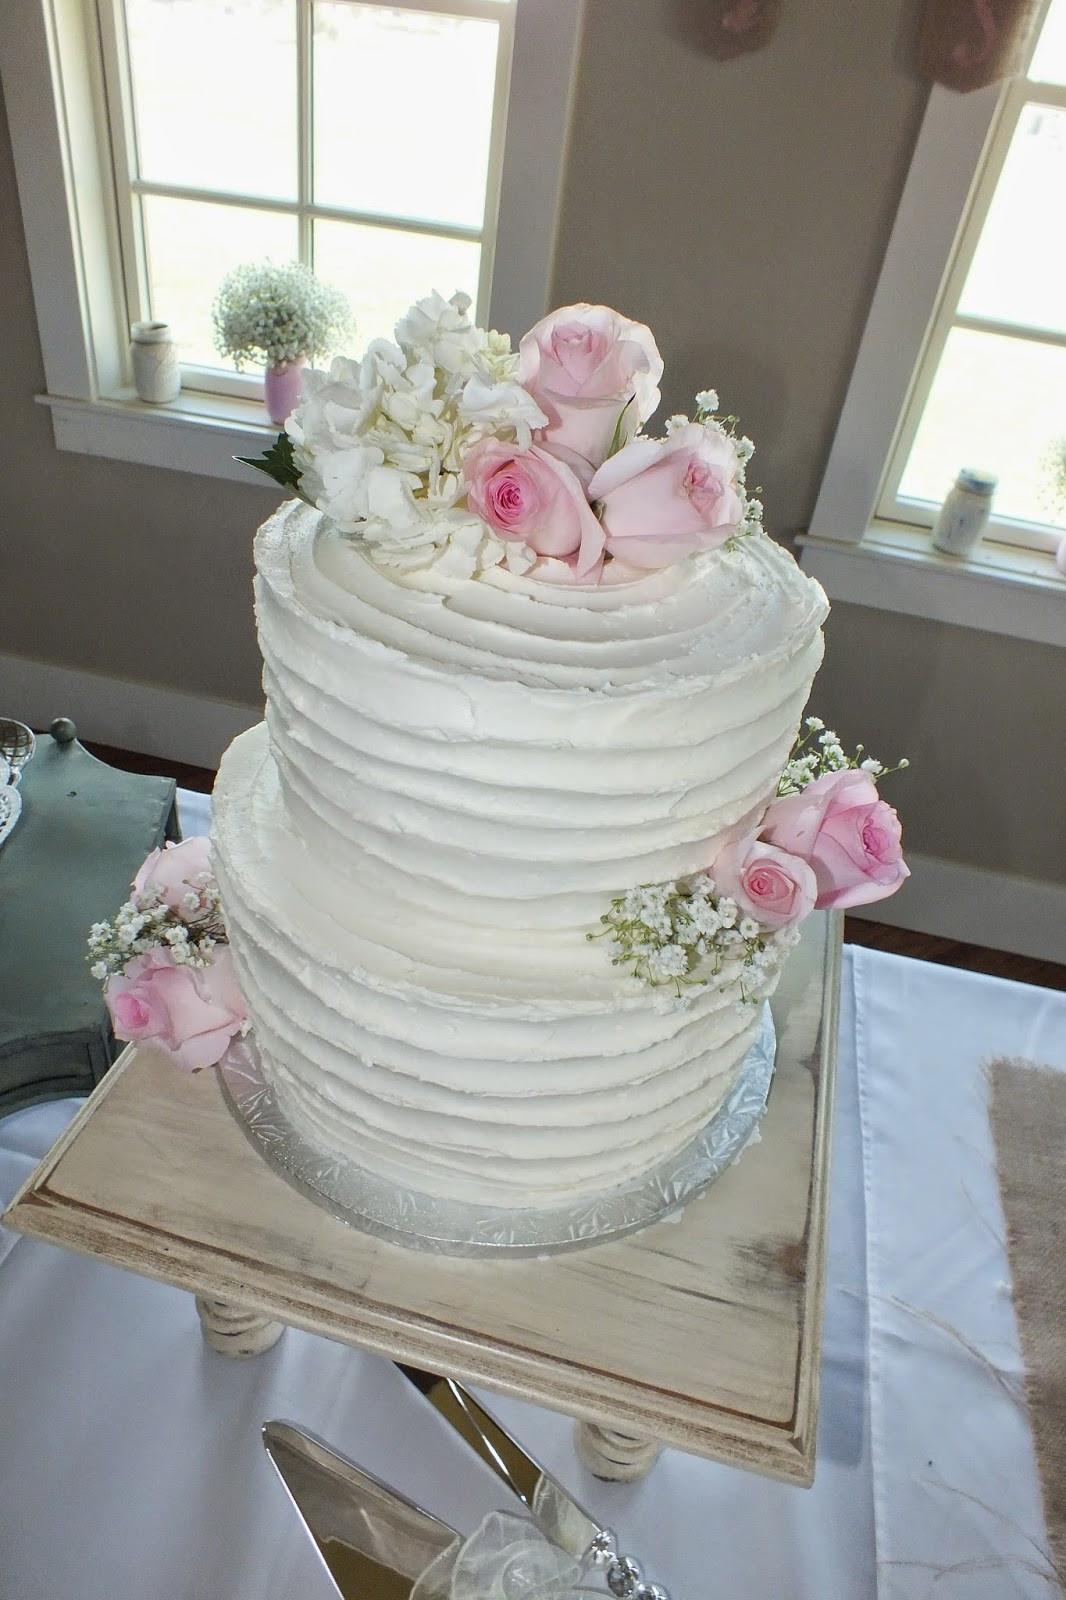 Buttercream Wedding Cakes  Sweet Bottom Cakes Textured Buttercream Wedding Cake